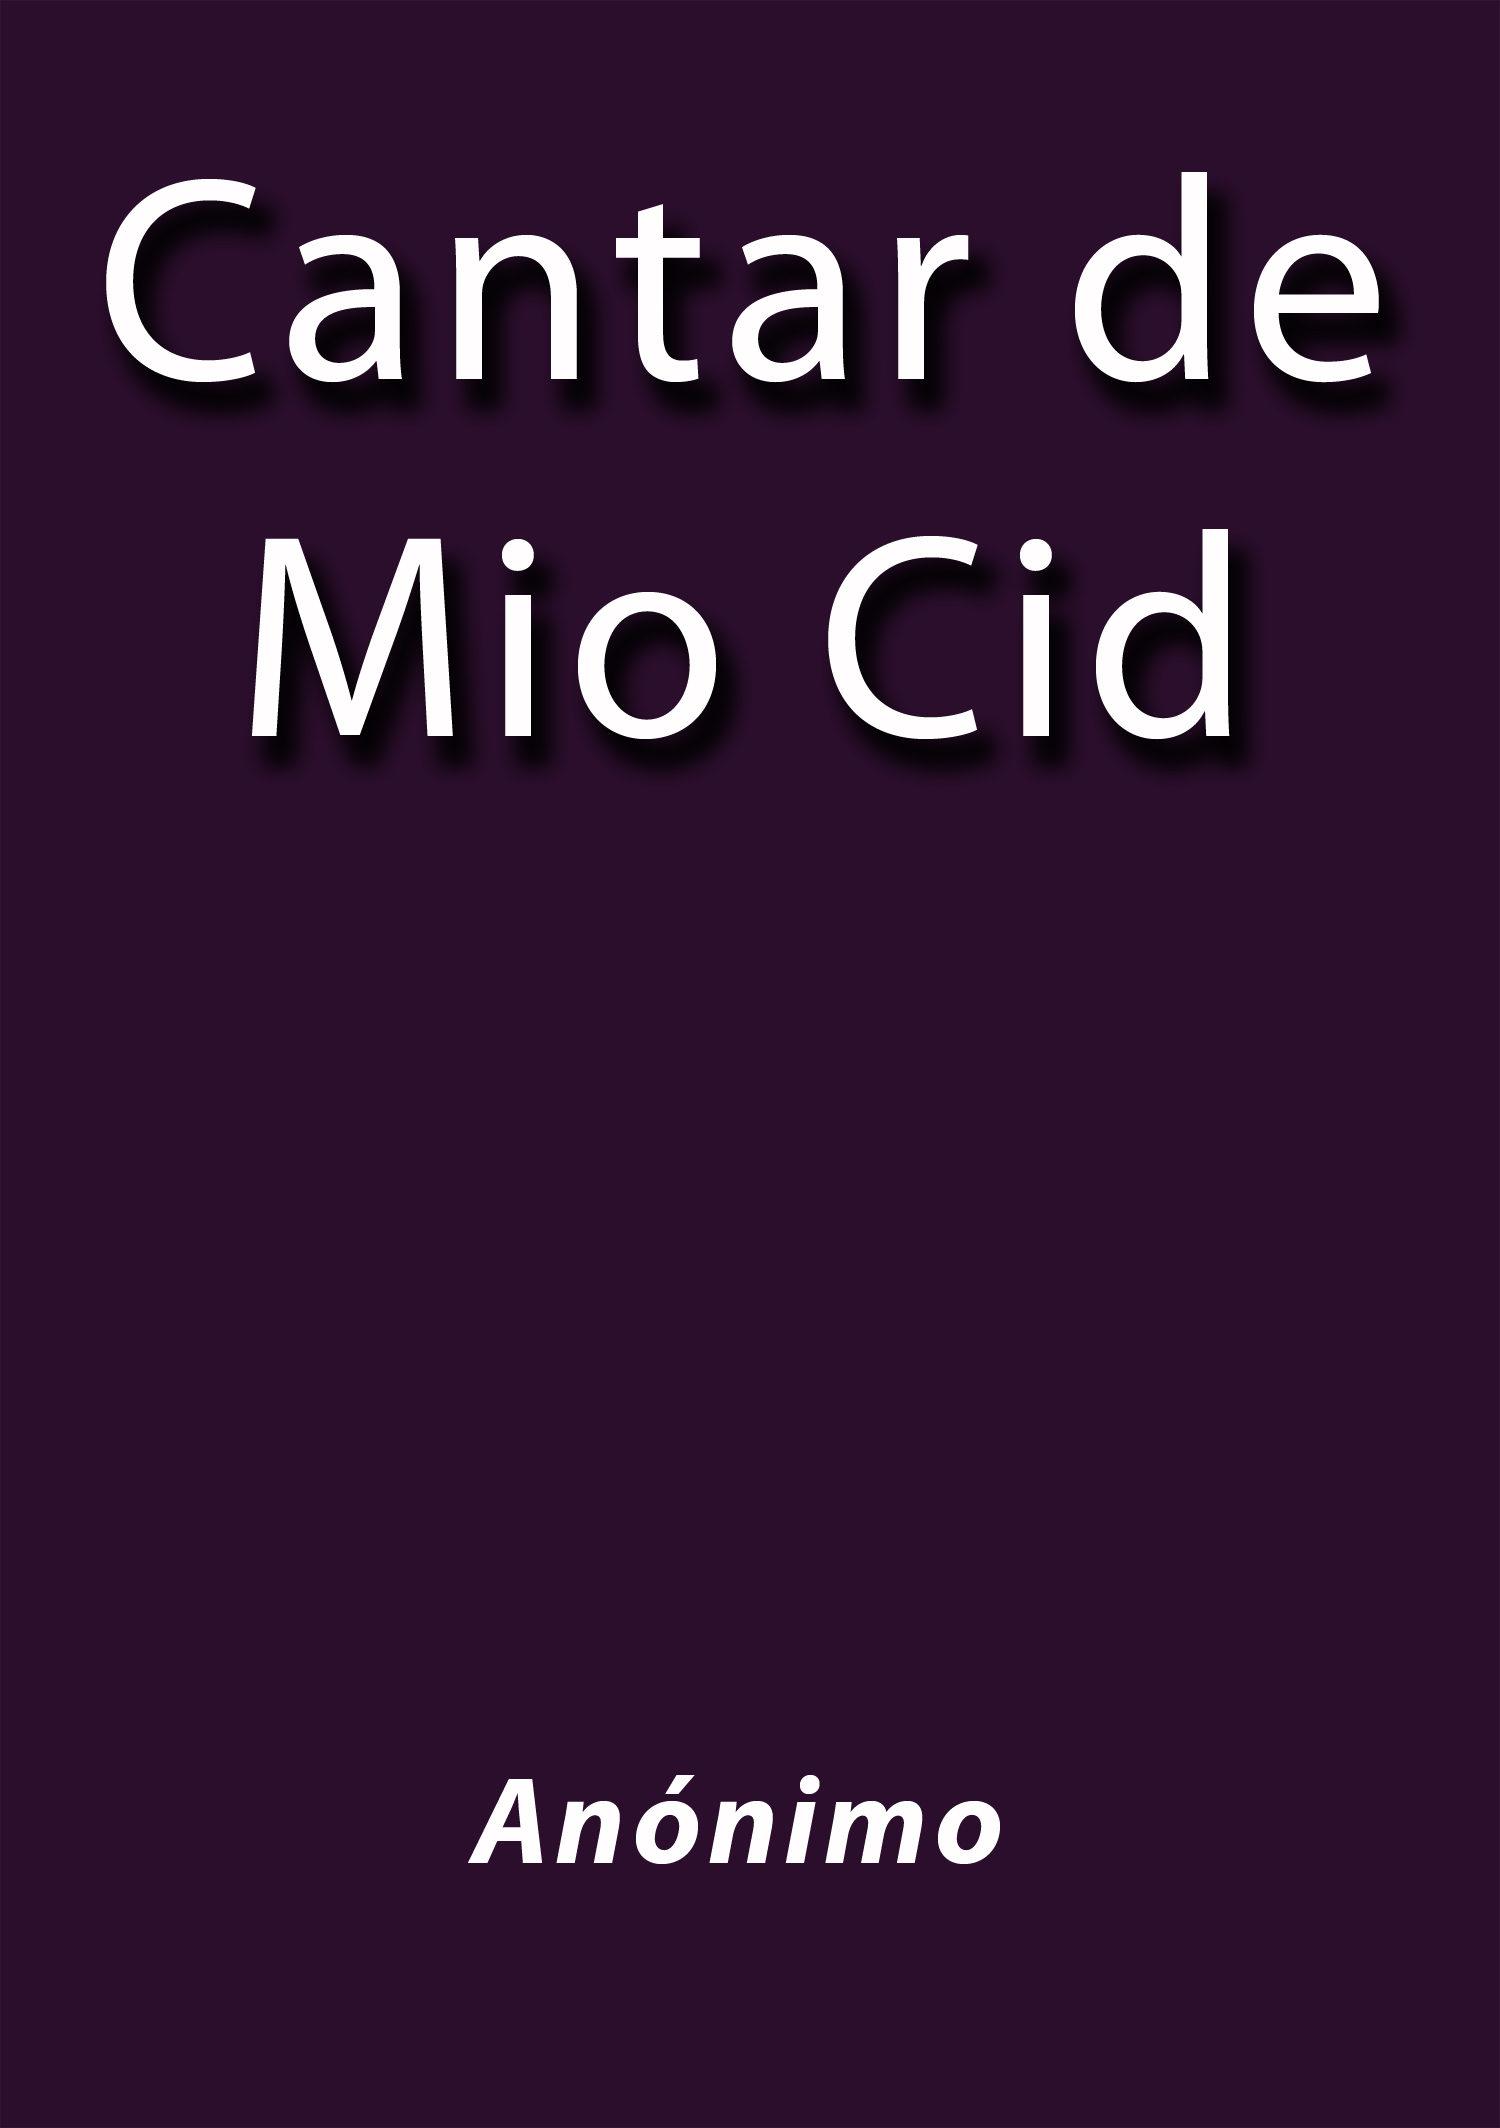 Cantar de mio cid ebook j borja cdlap00003424